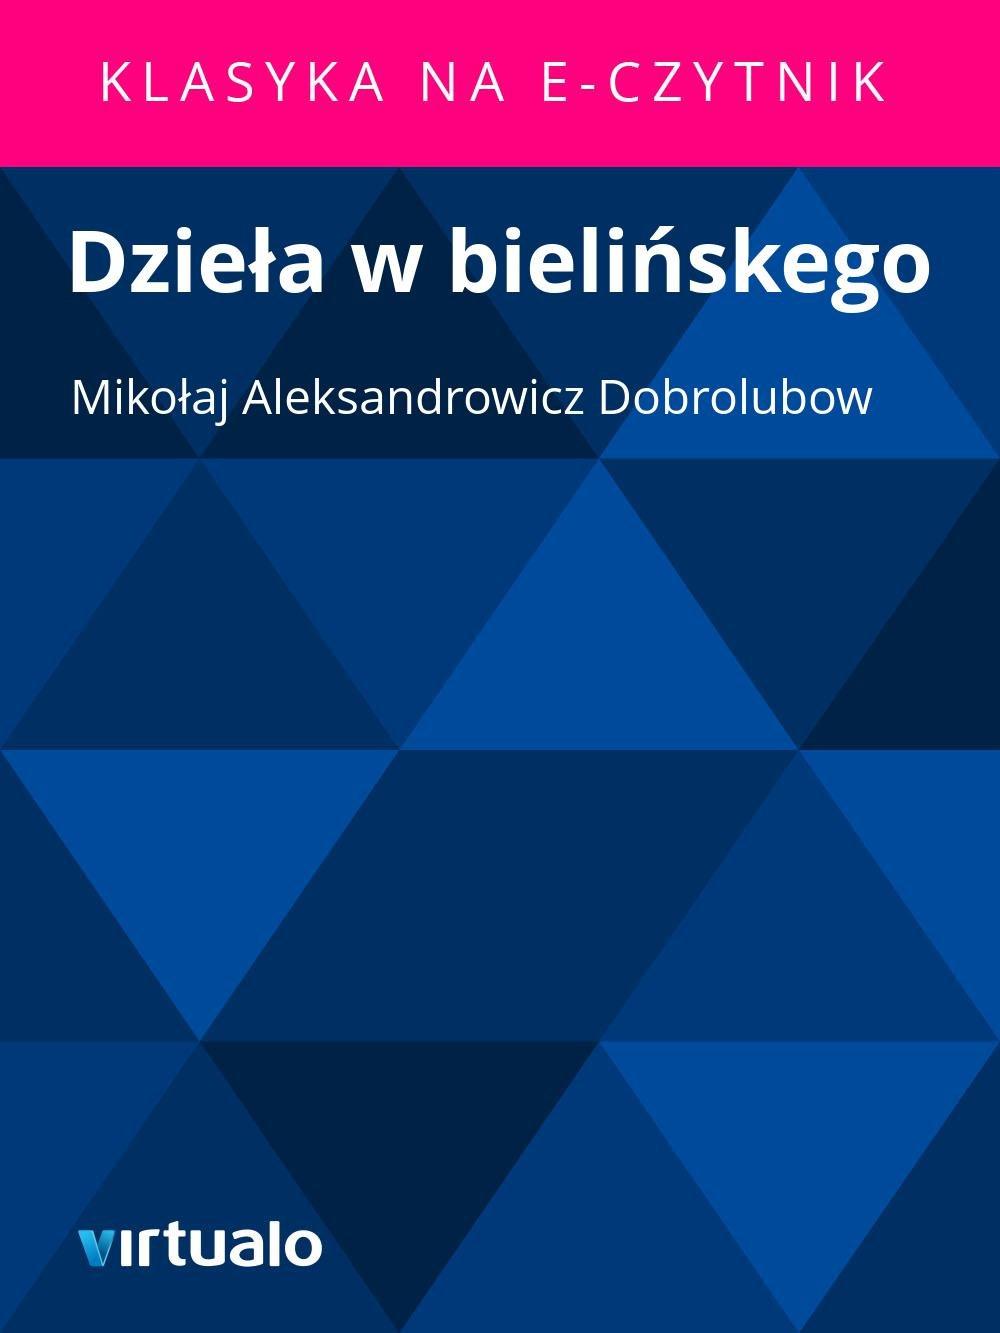 Dzieła w bielińskego - Ebook (Książka EPUB) do pobrania w formacie EPUB